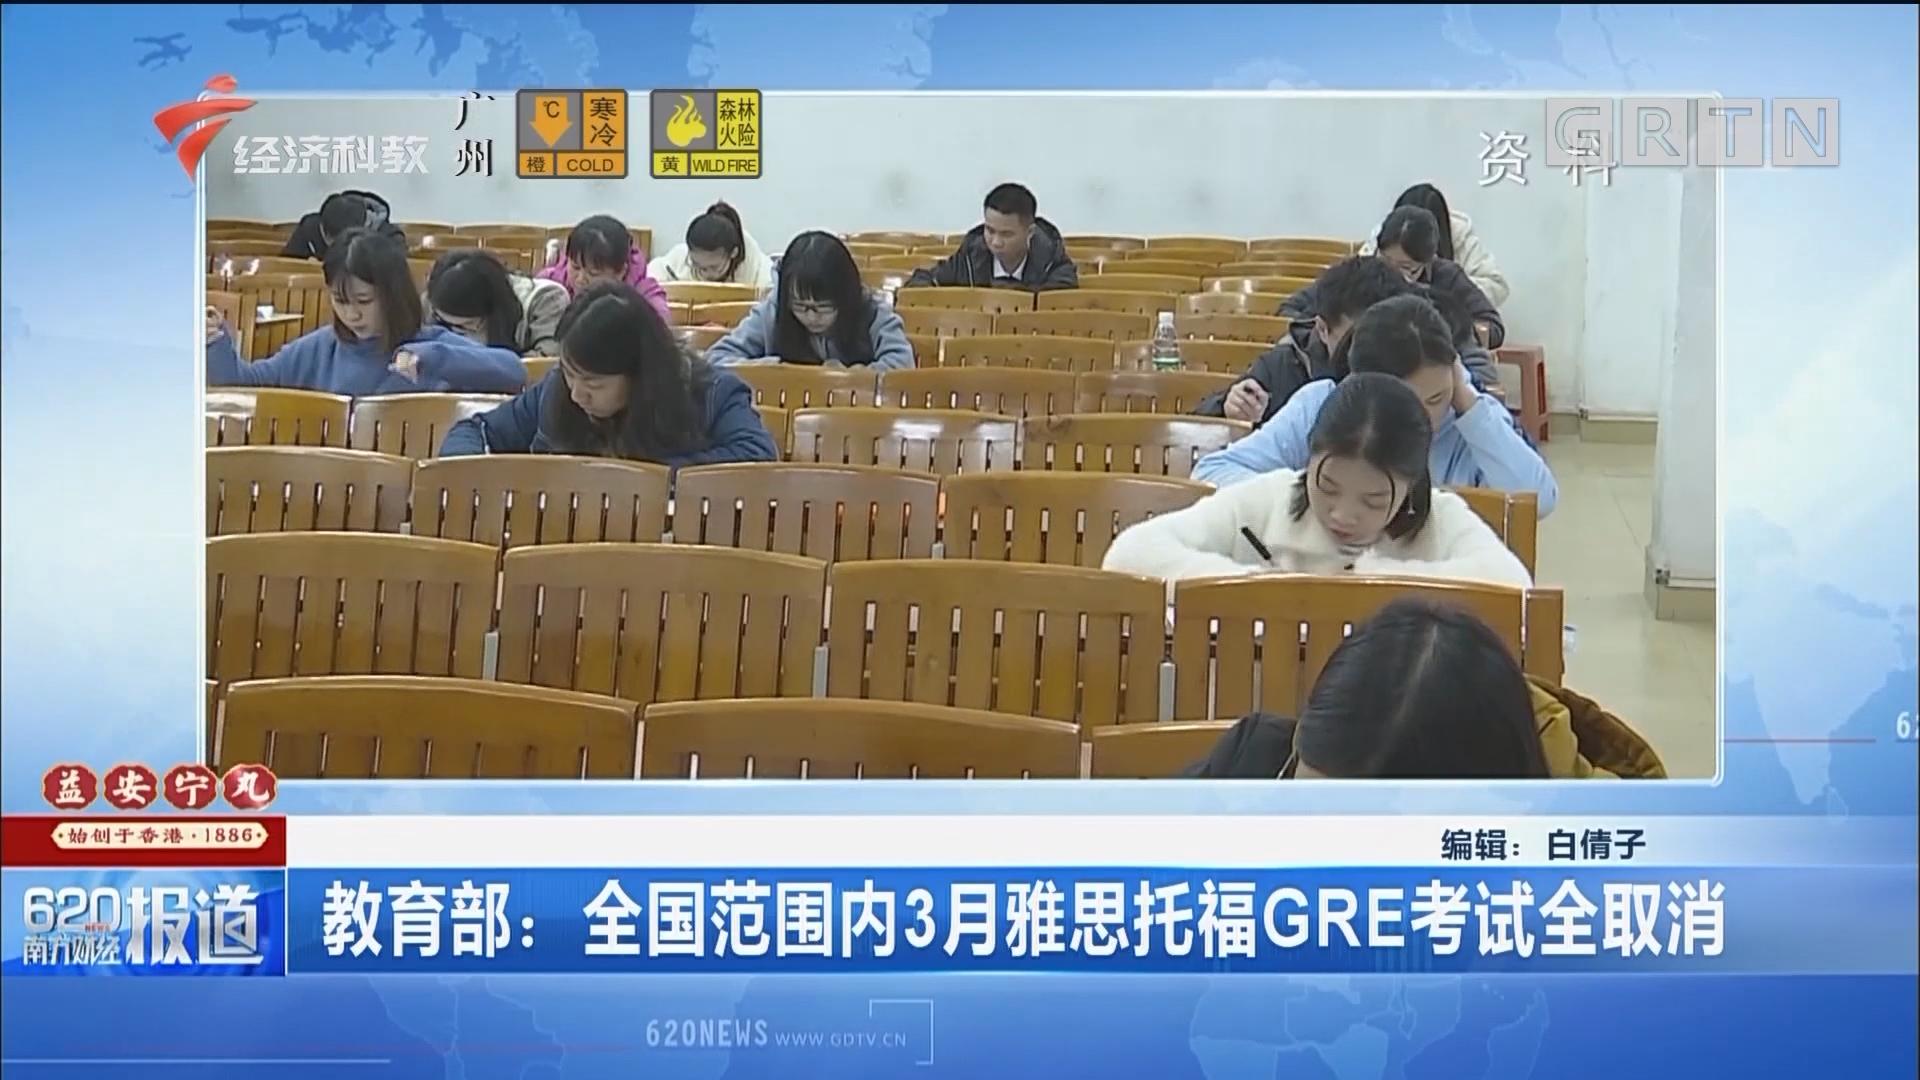 教育部:全国范围内3月雅思托福GRE考试全取消